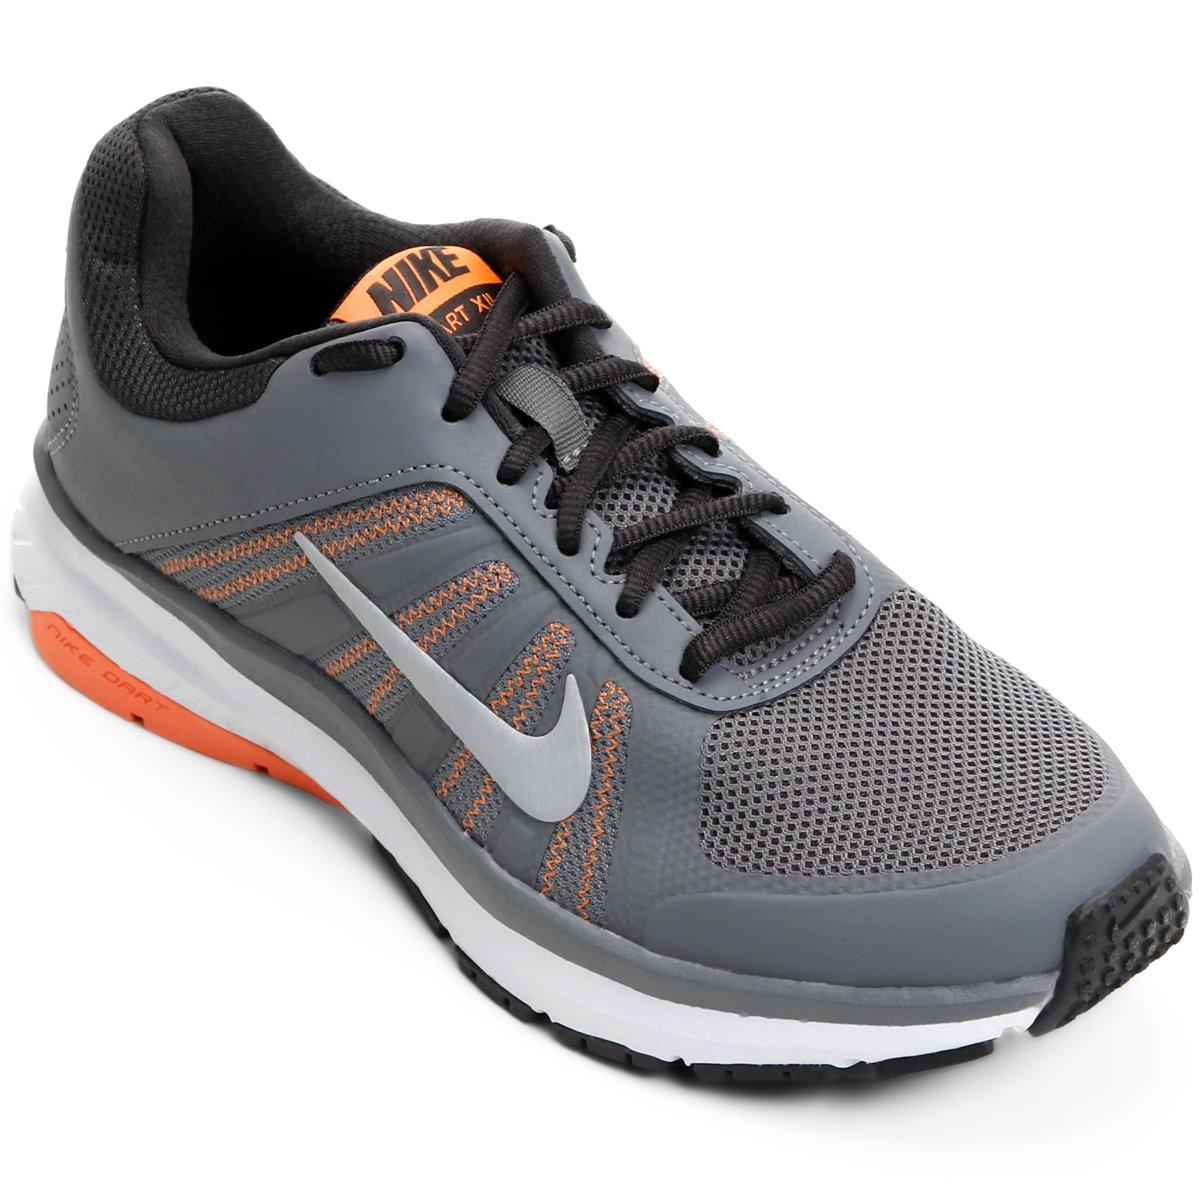 0b31a87cc27 Tênis Nike Dart 12 MSL Feminino - Cinza e Laranja - Compre Agora ...